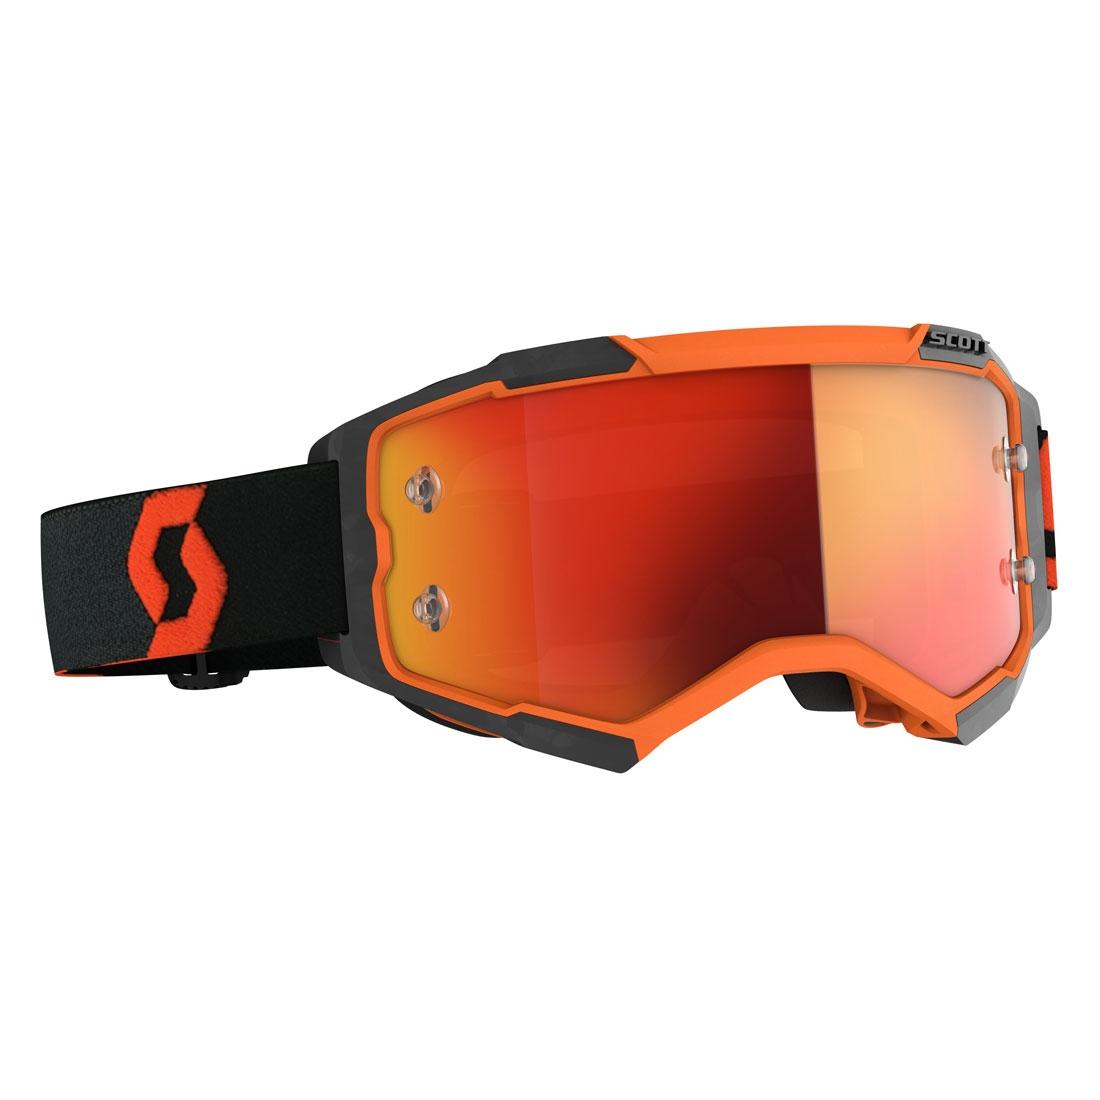 Occhiali (maschera) cross 2020 Scott FURY orange black lente orange chrome 1